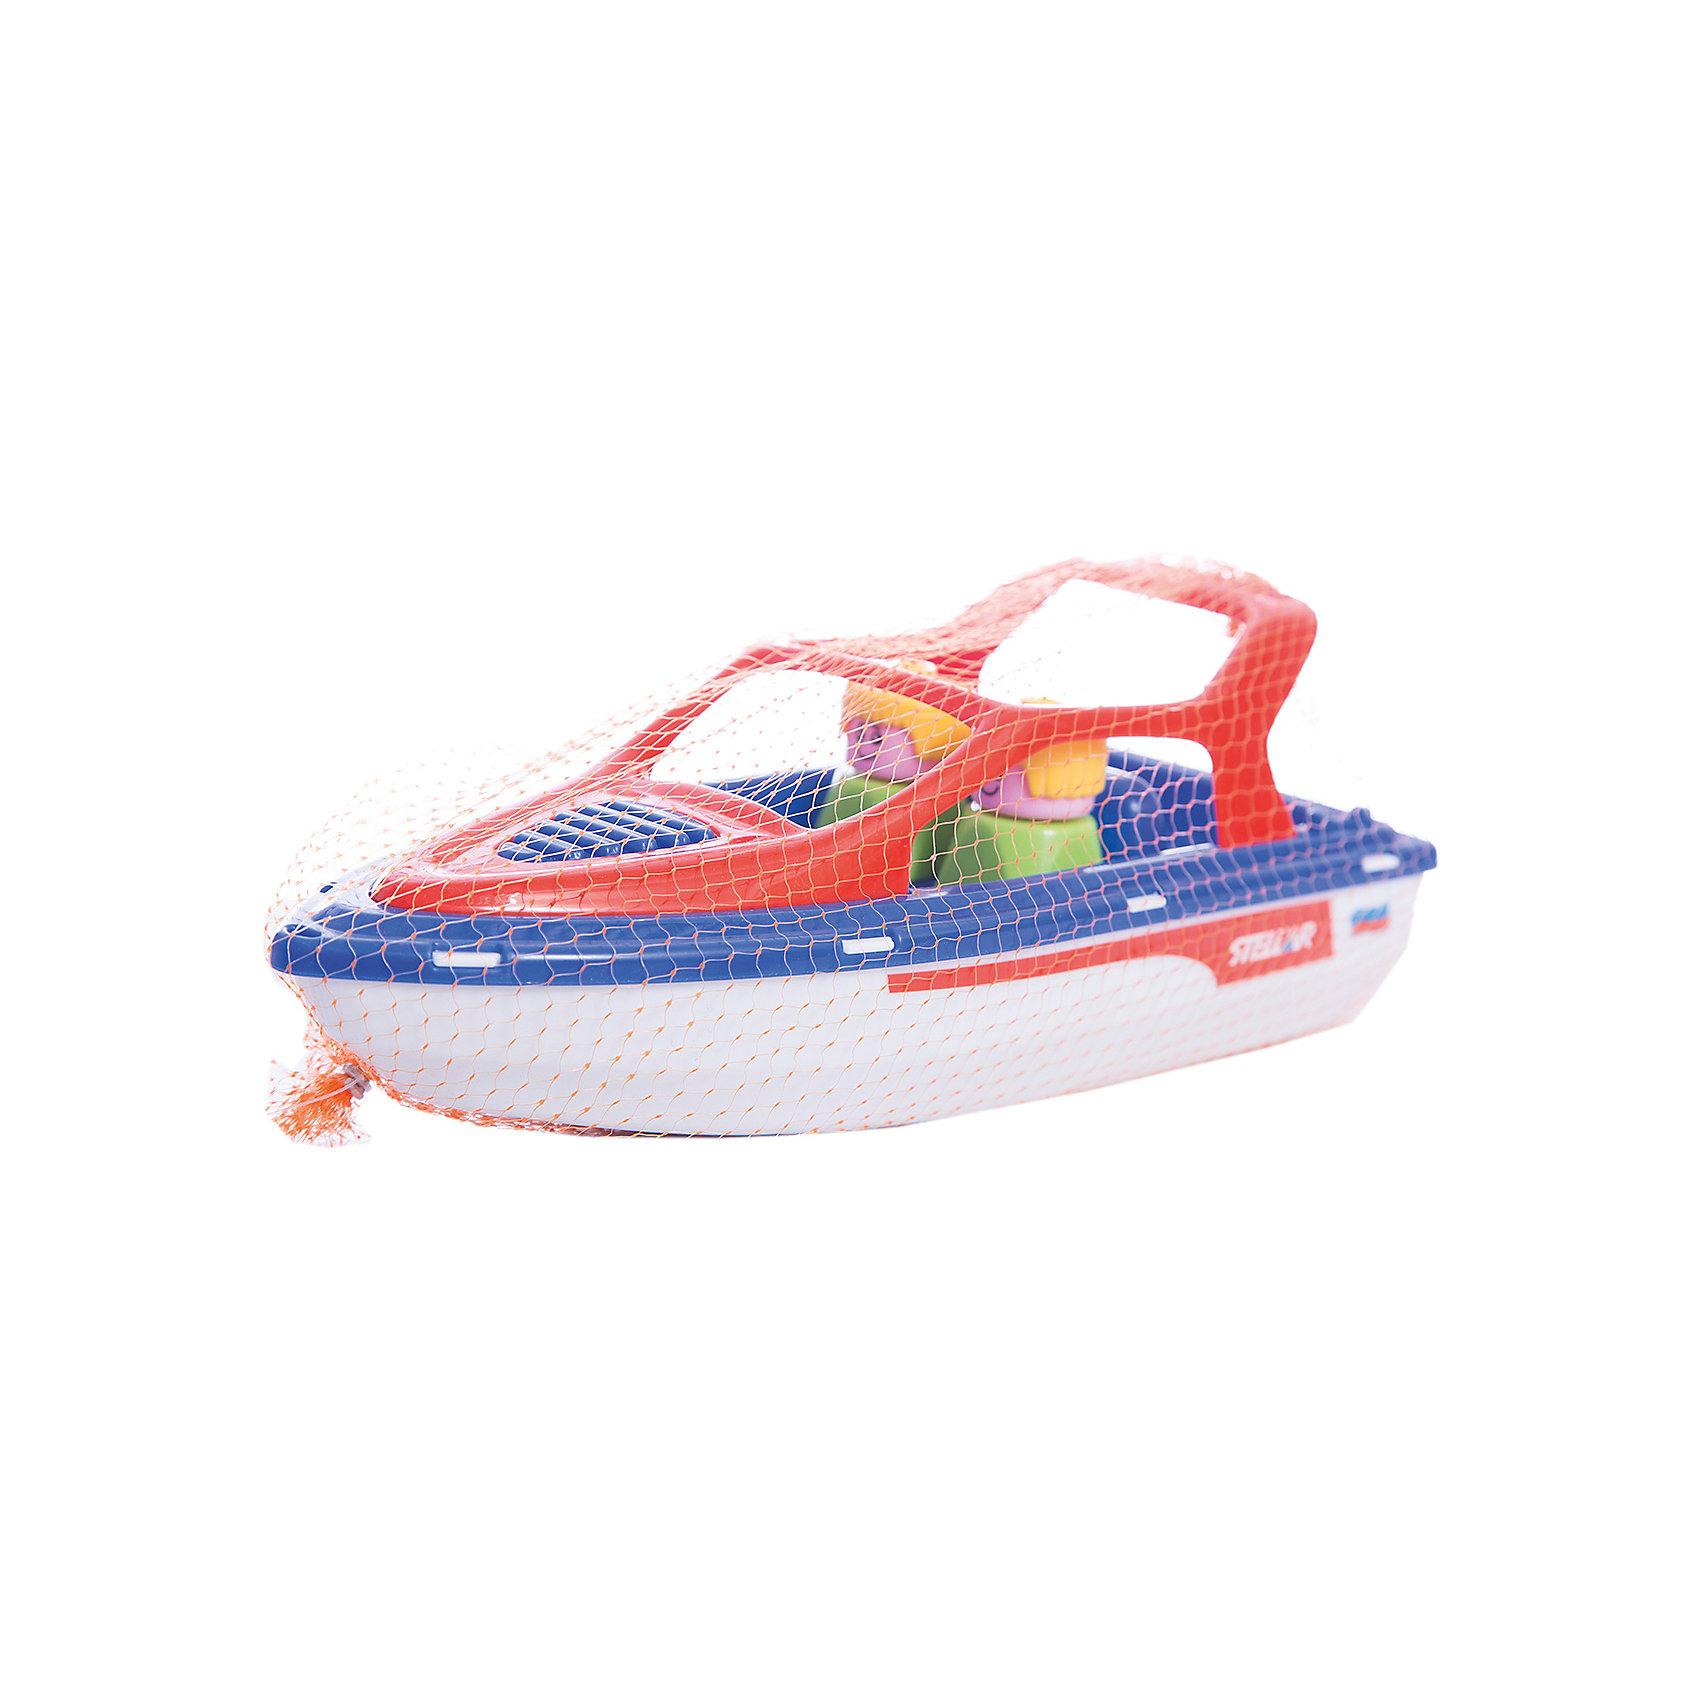 Катер Анапа, StellarКорабли и лодки<br>Характеристики товара:<br><br>- цвет: разноцветный;<br>- материал: пластик;<br>- возраст: от 3 лет;<br>- пассажиры вынимаются.<br><br>Такие игрушки, как этот катер, могут не только развлекать малыша, но и помогать его всестороннему развитию. Этот катер поможет формированию разных навыков, он помогает развить тактильное восприятие, мелкую моторику, воображение, внимание и логику.<br>Изделие представляет собой набор пластиковый катер, похожий на настоящий. Также, в нем сидят два пассажира, которых можно вынуть из игрушки. С таким катером можно придумать множество игр! Изделие произведено из качественных материалов, безопасных для ребенка.<br><br>Катер Анапа от бренда Stellar можно купить в нашем интернет-магазине.<br><br>Ширина мм: 290<br>Глубина мм: 110<br>Высота мм: 100<br>Вес г: 170<br>Возраст от месяцев: 36<br>Возраст до месяцев: 2147483647<br>Пол: Мужской<br>Возраст: Детский<br>SKU: 5079968